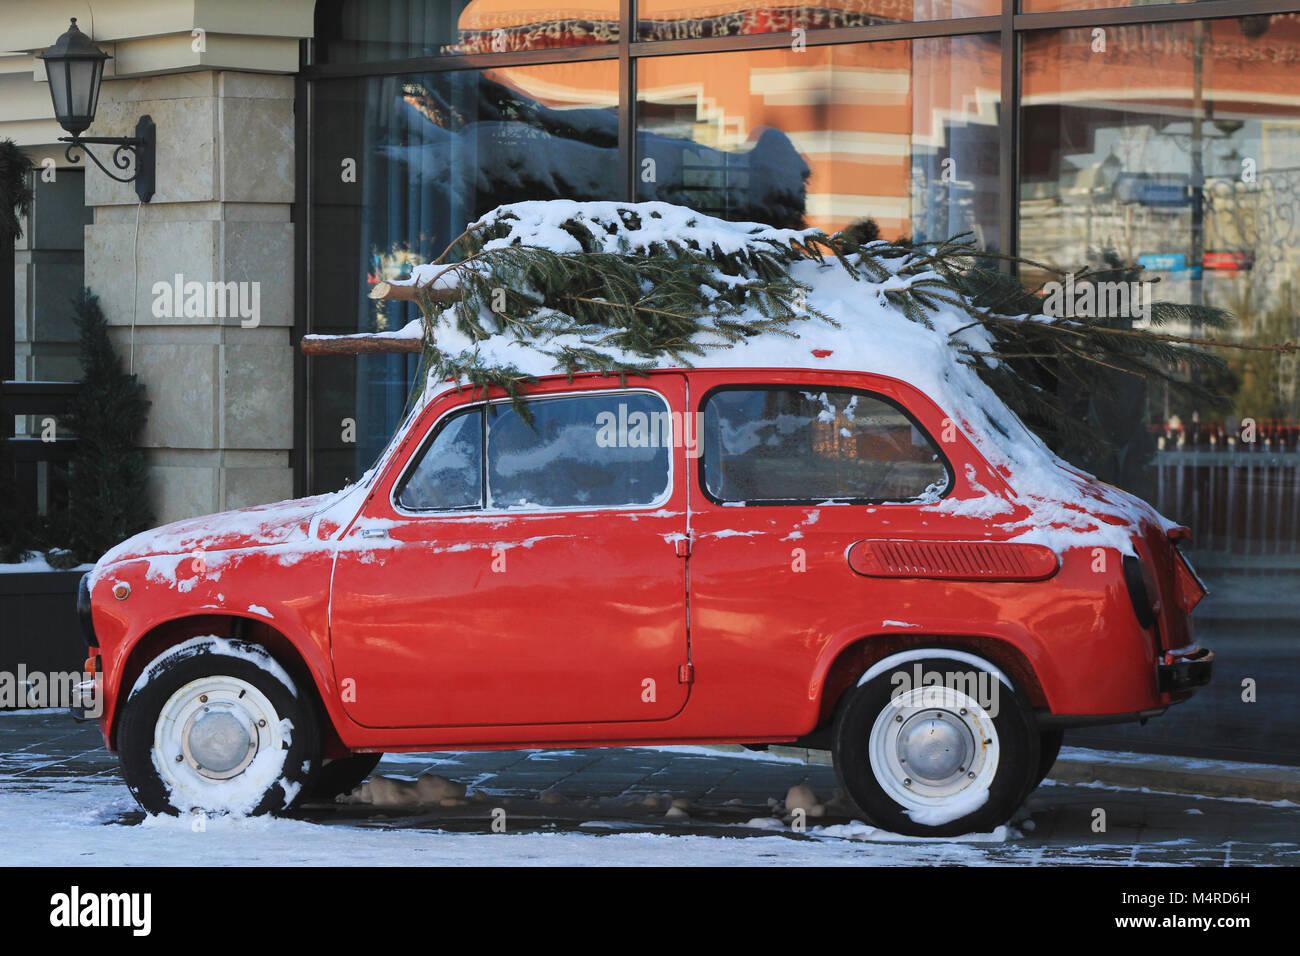 Car Retro Stock Photos Amp Car Retro Stock Images Alamy